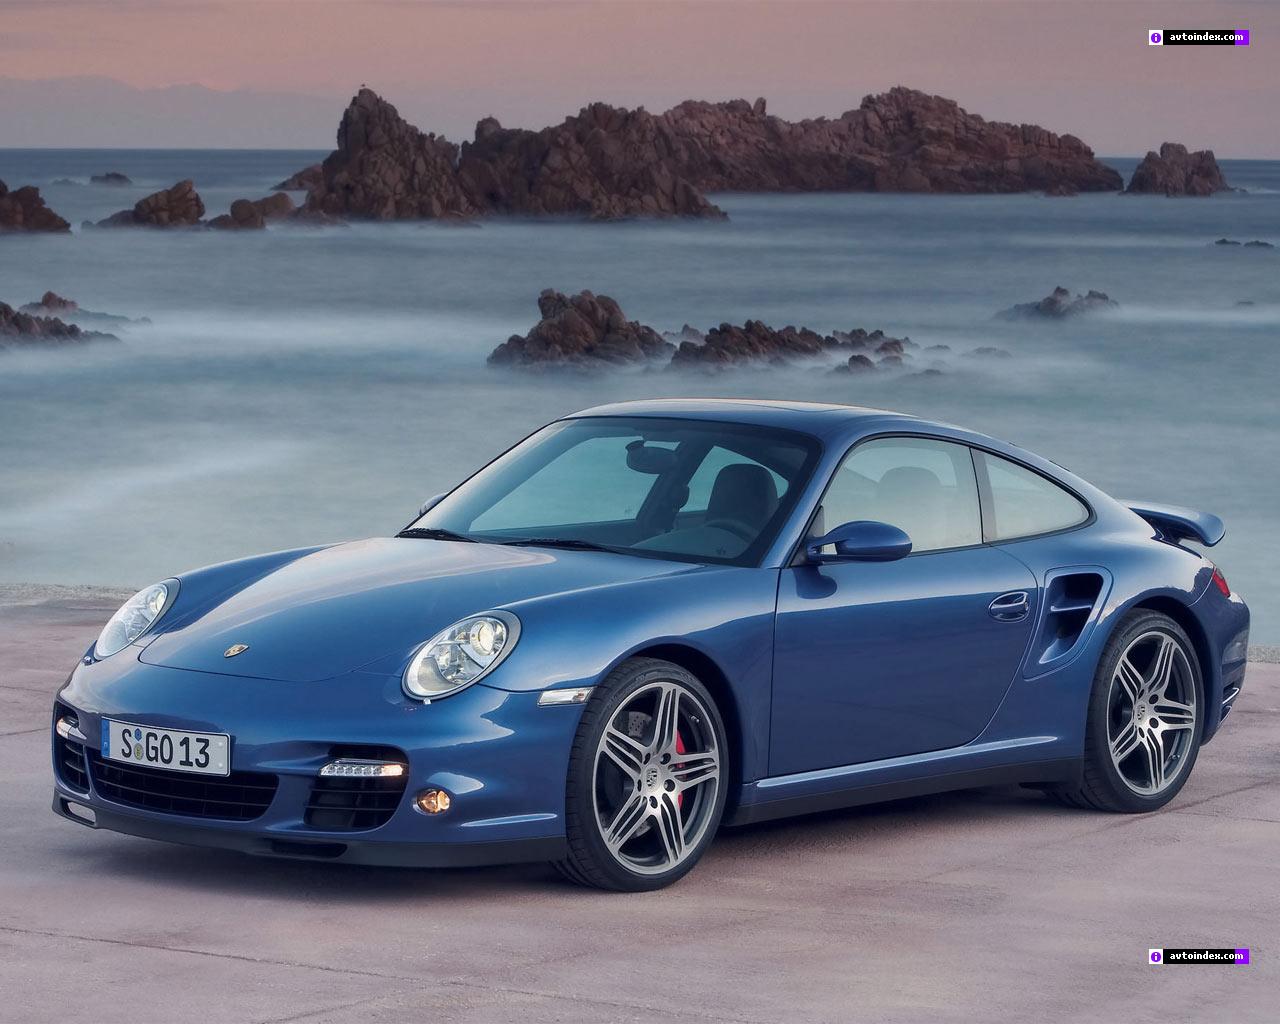 Image - 2007 porsche 911 turbo 1.jpg | Pixar Wiki | FANDOM powered